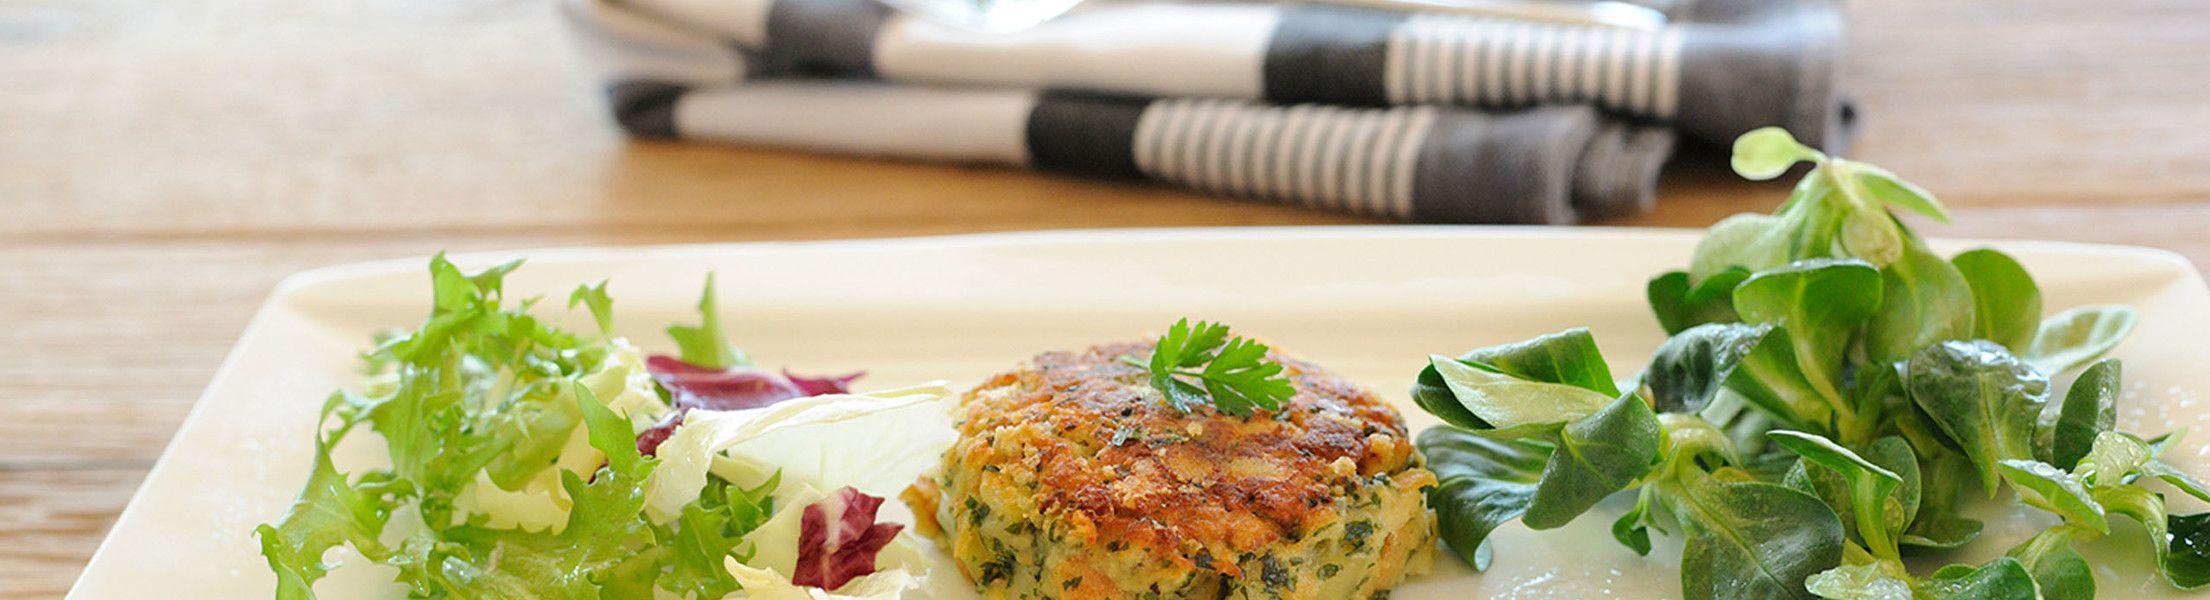 Gemüselaibchen auf Teller in der Luxuslodge